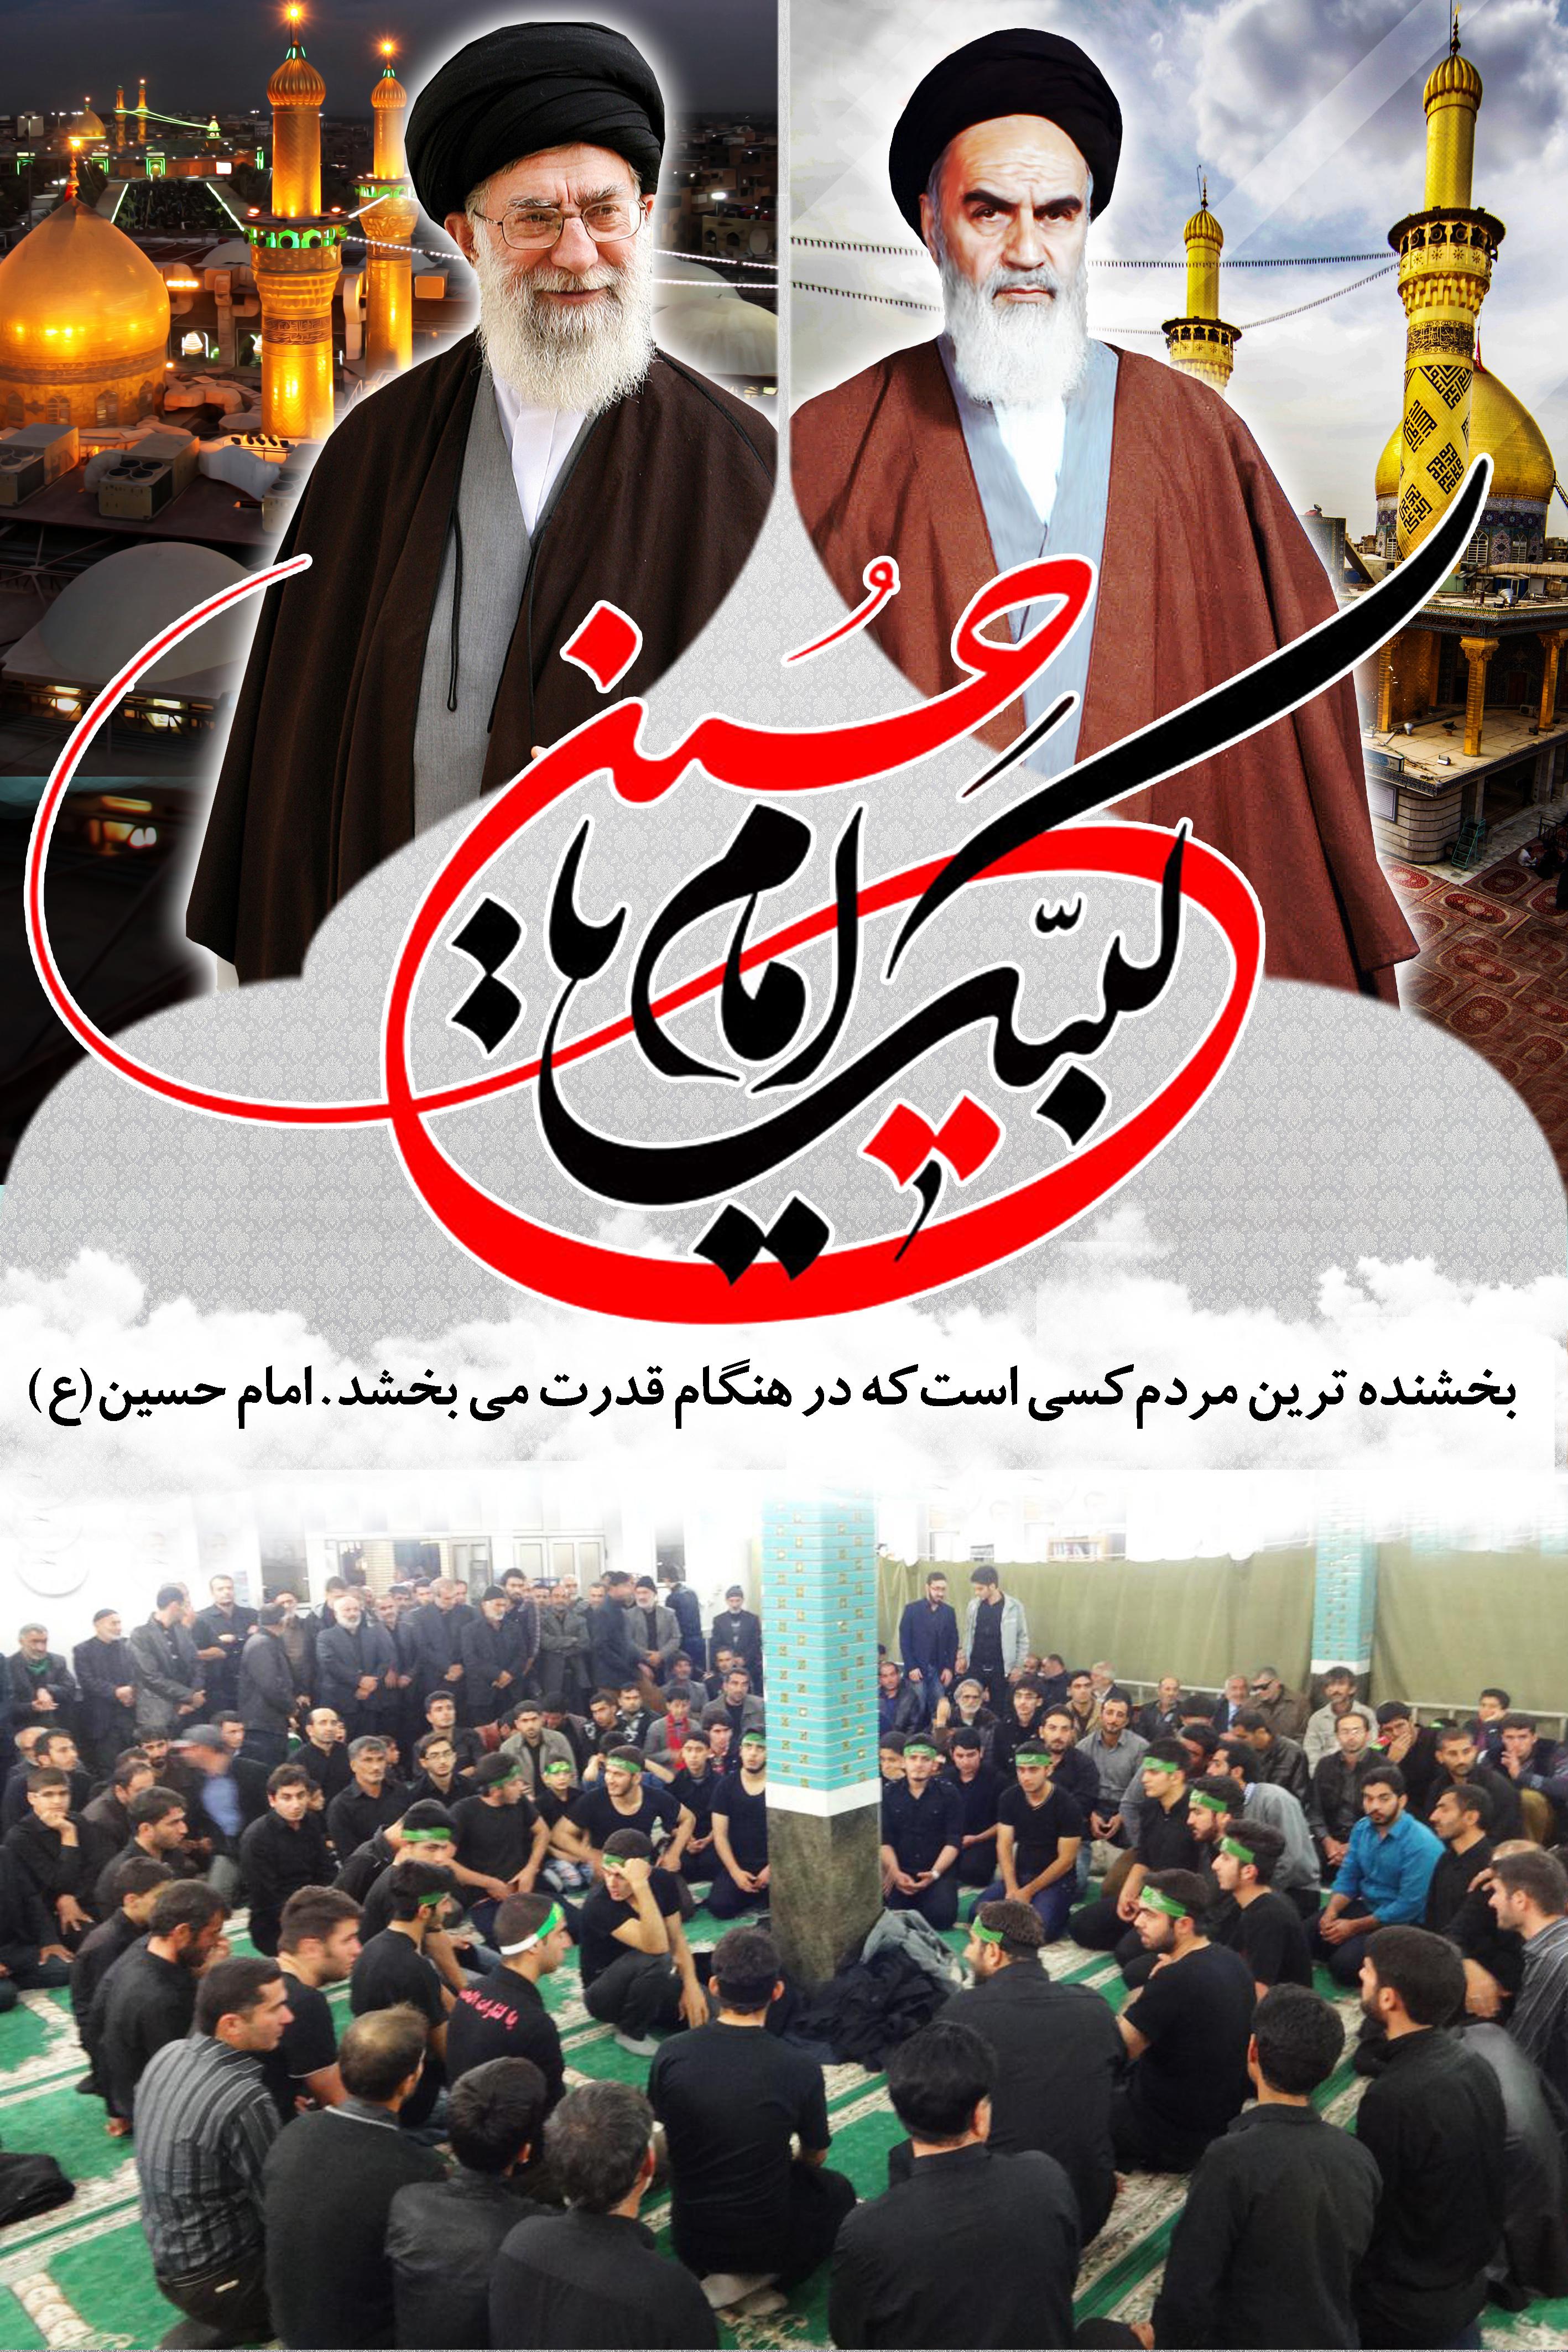 پوستر محرم ویژه ی عزاداران و جوانان مسجد امام حسین (ع)